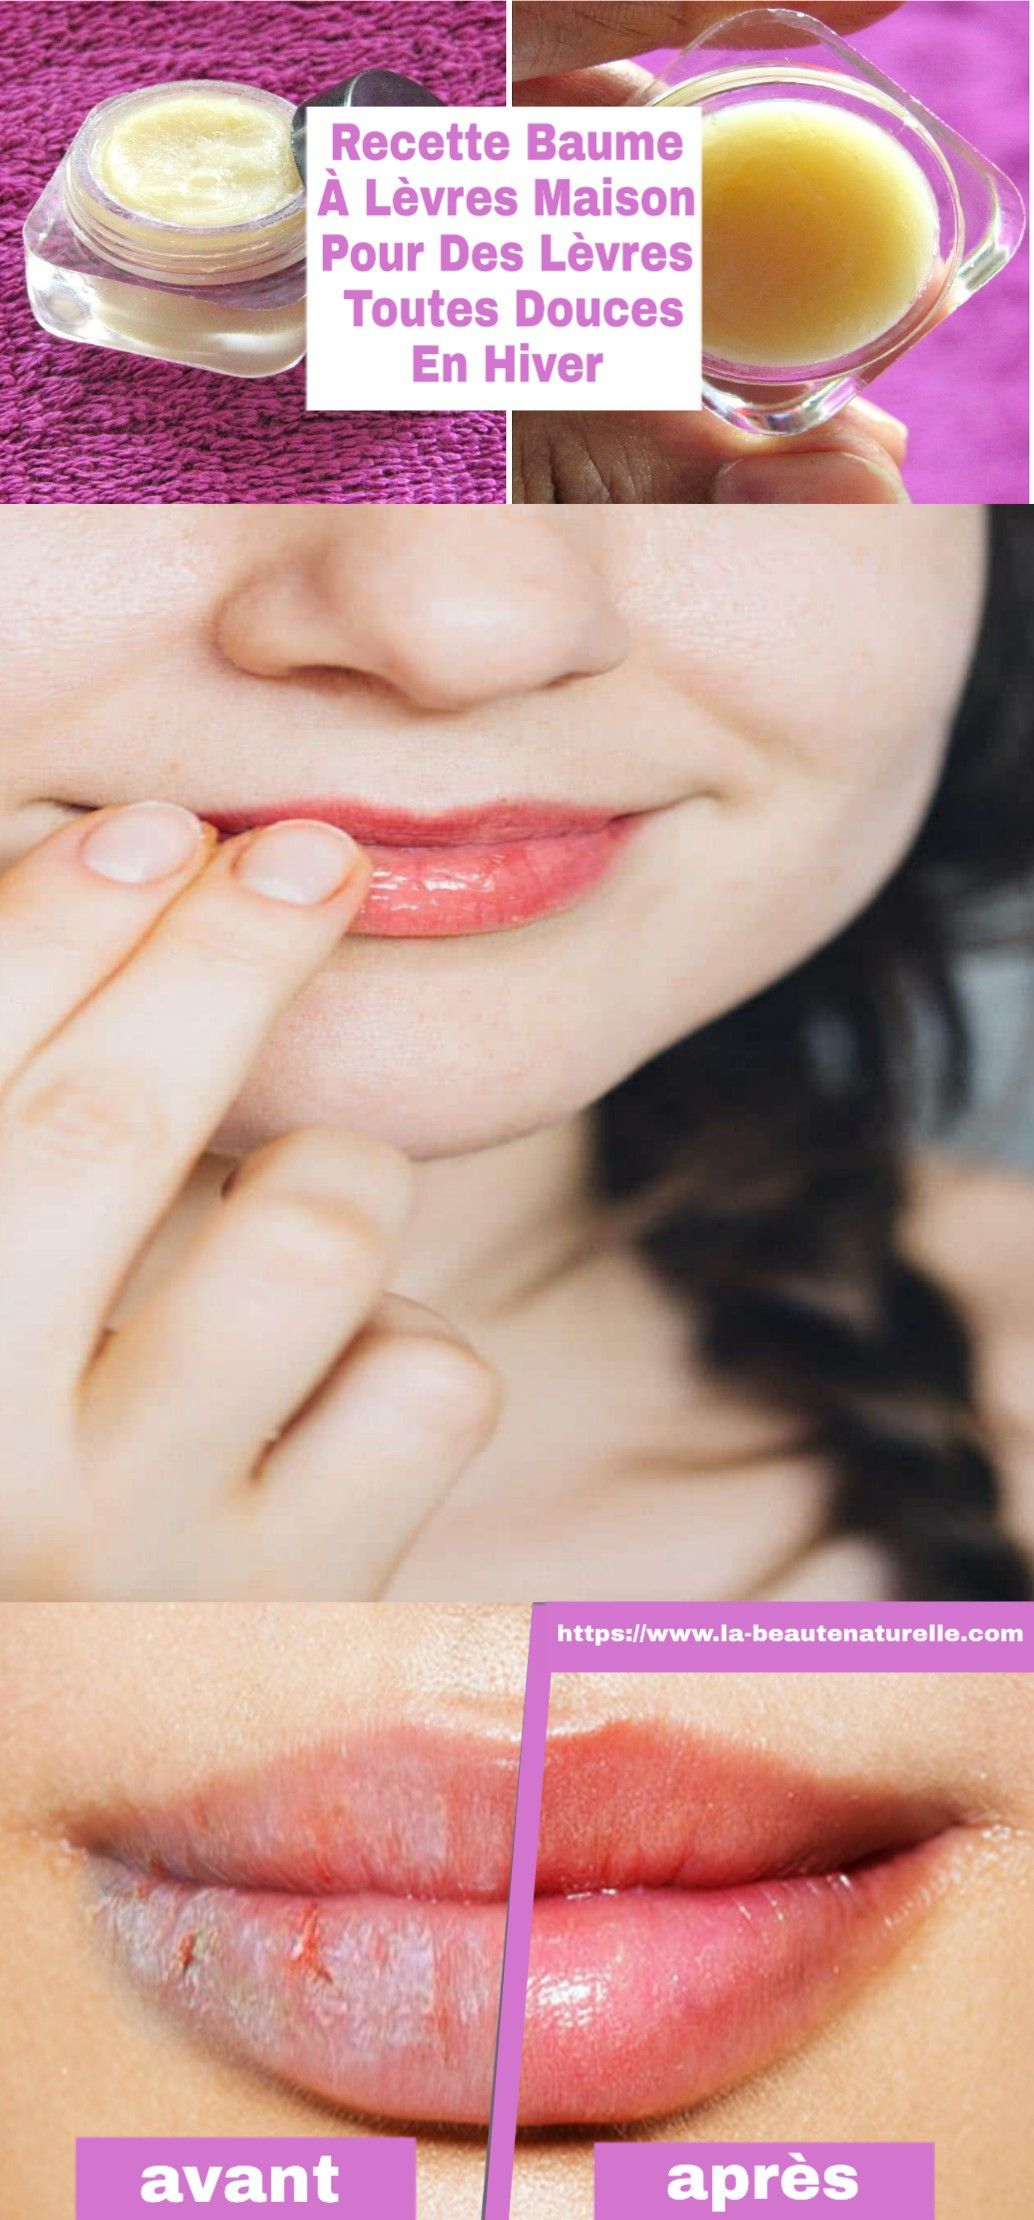 Recette baume à lèvres maison pour des lèvres toutes douces en hiver